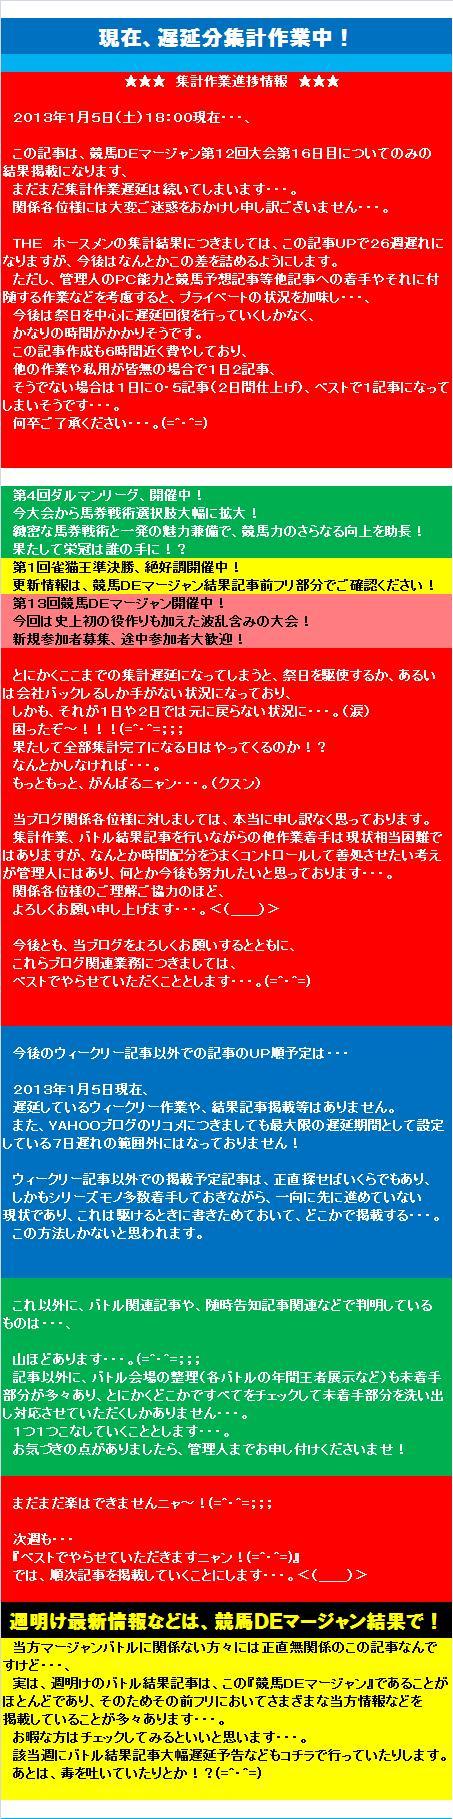 20130105・ホースメン第16週目結果③.jpg